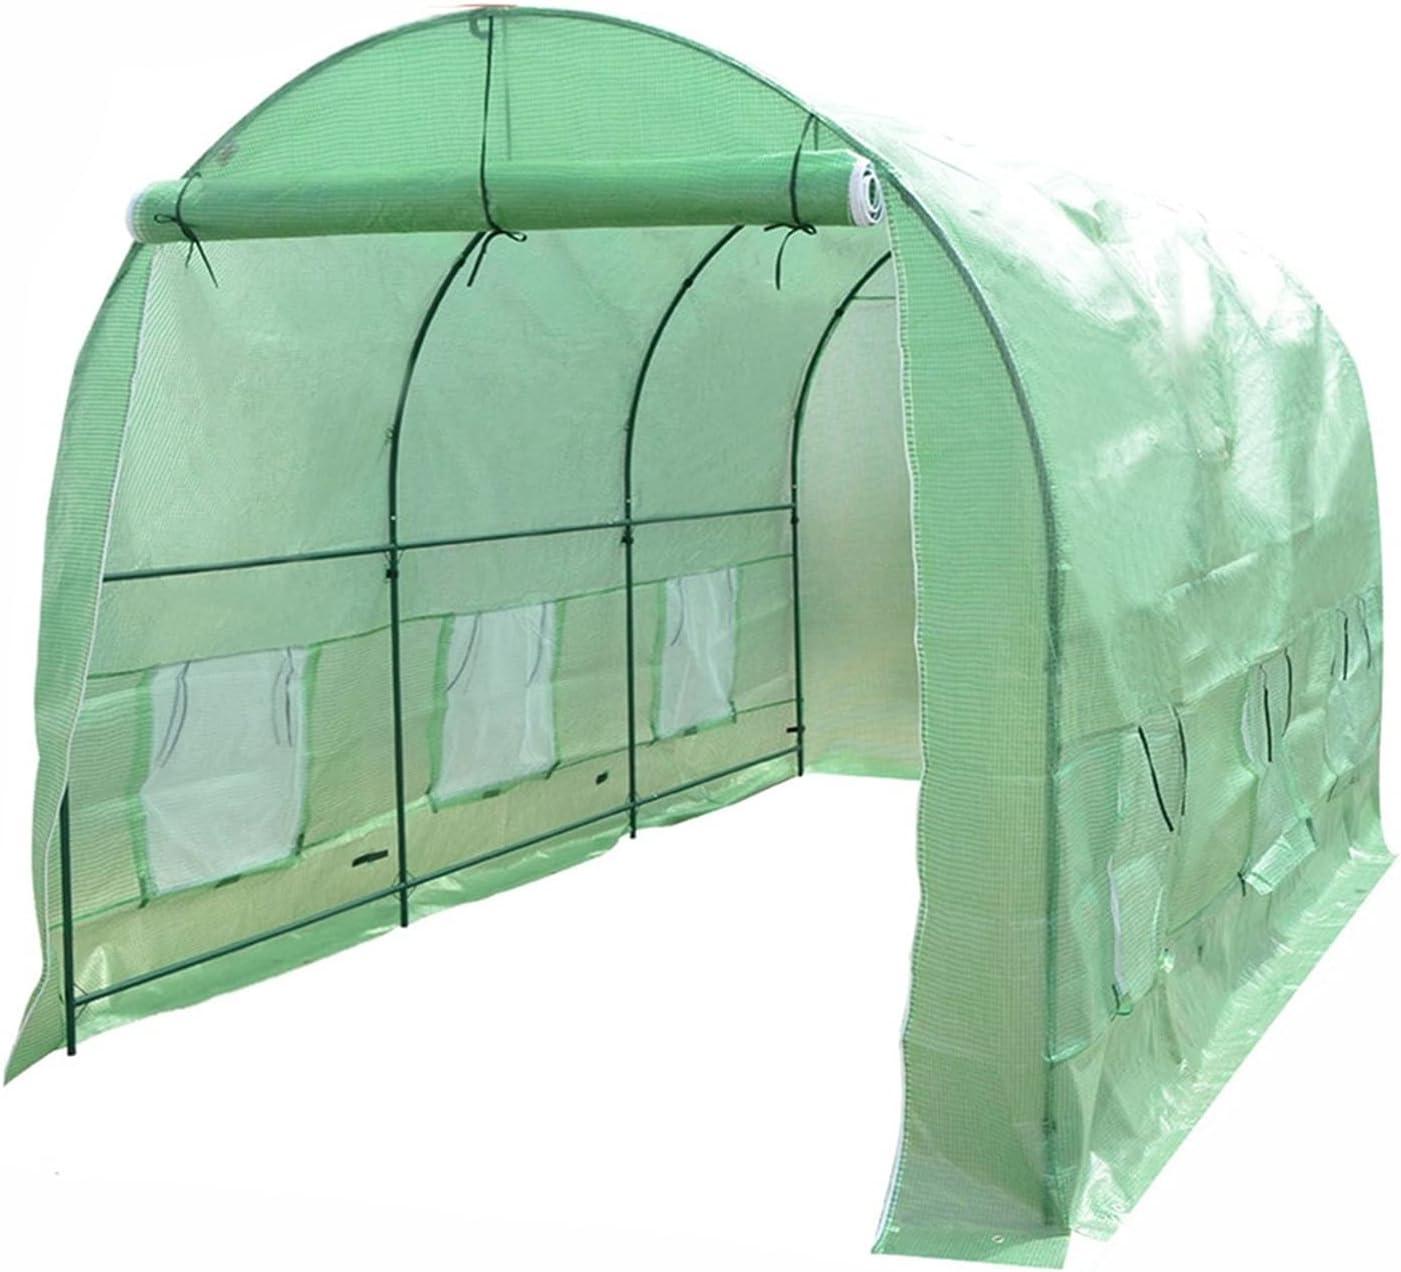 Casa Verde 365x215x21 5 CM Paseo más Grande en Plantas al Aire Libre en jardinería Durable Invernadero de Hierro (Size : 12x7x7FT)